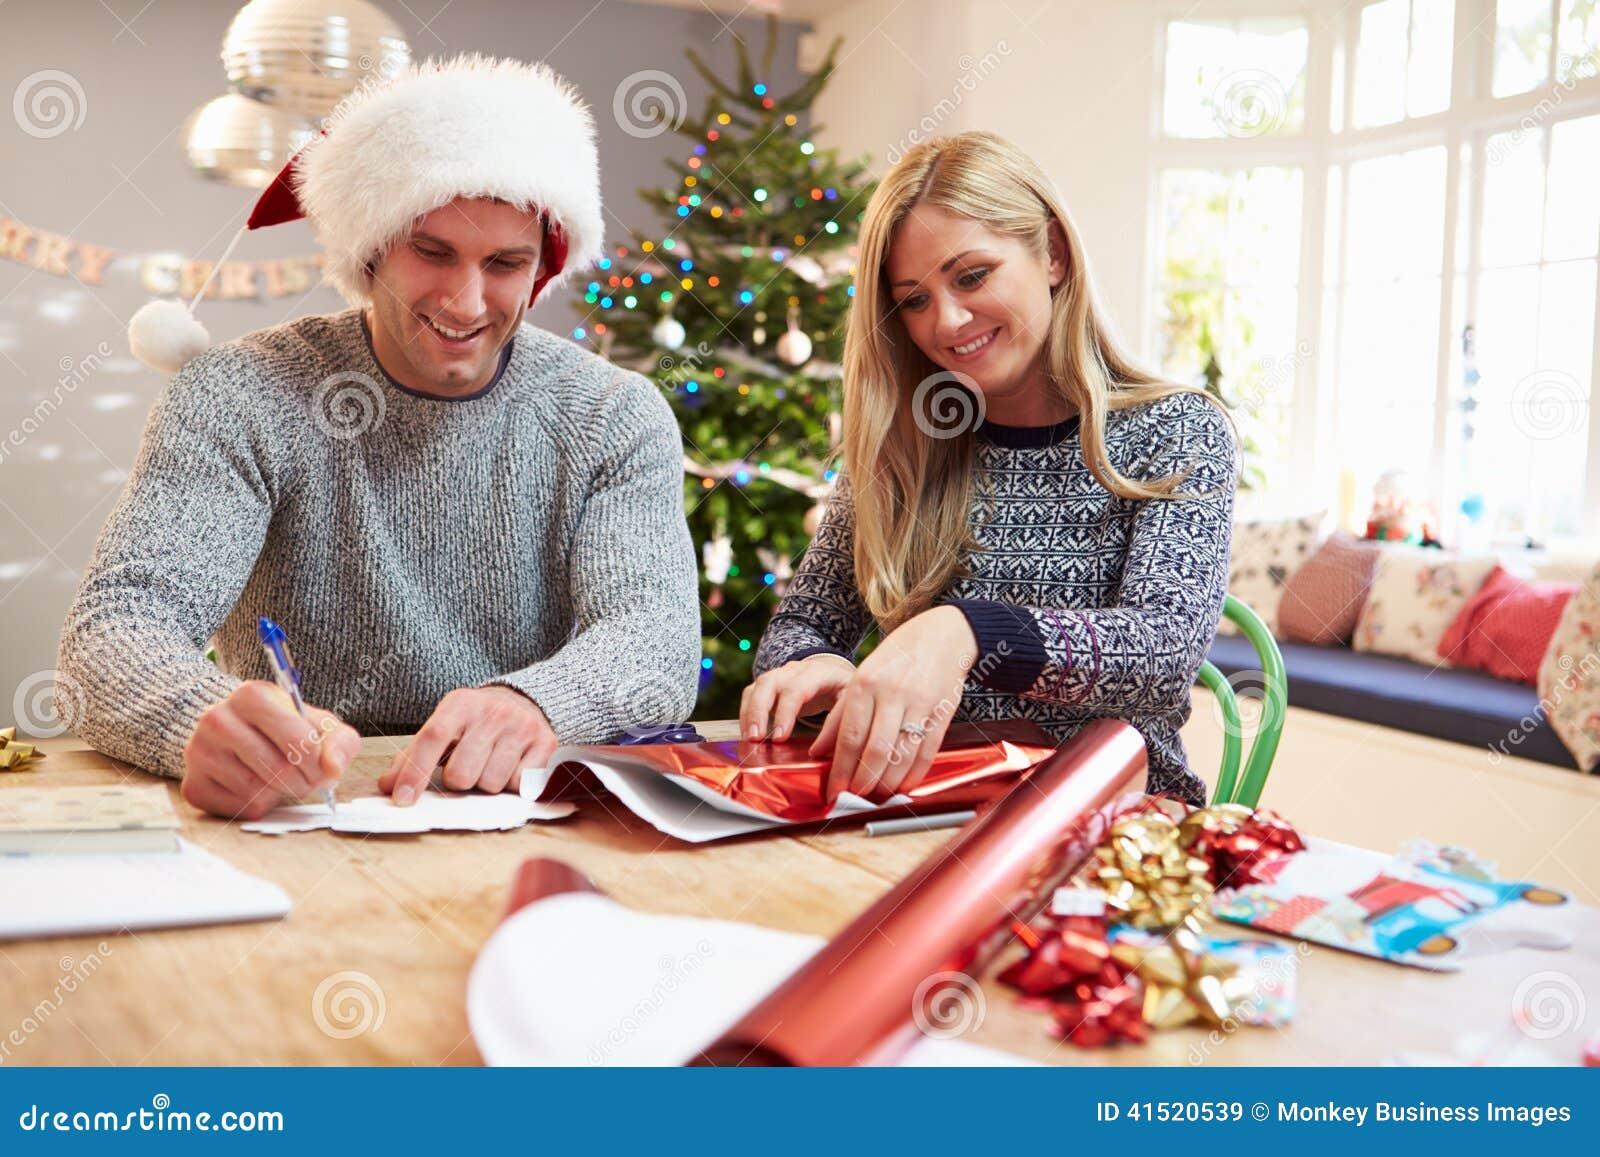 Paare, Die Zu Hause Weihnachtsgeschenke Einwickeln Stockbild - Bild ...